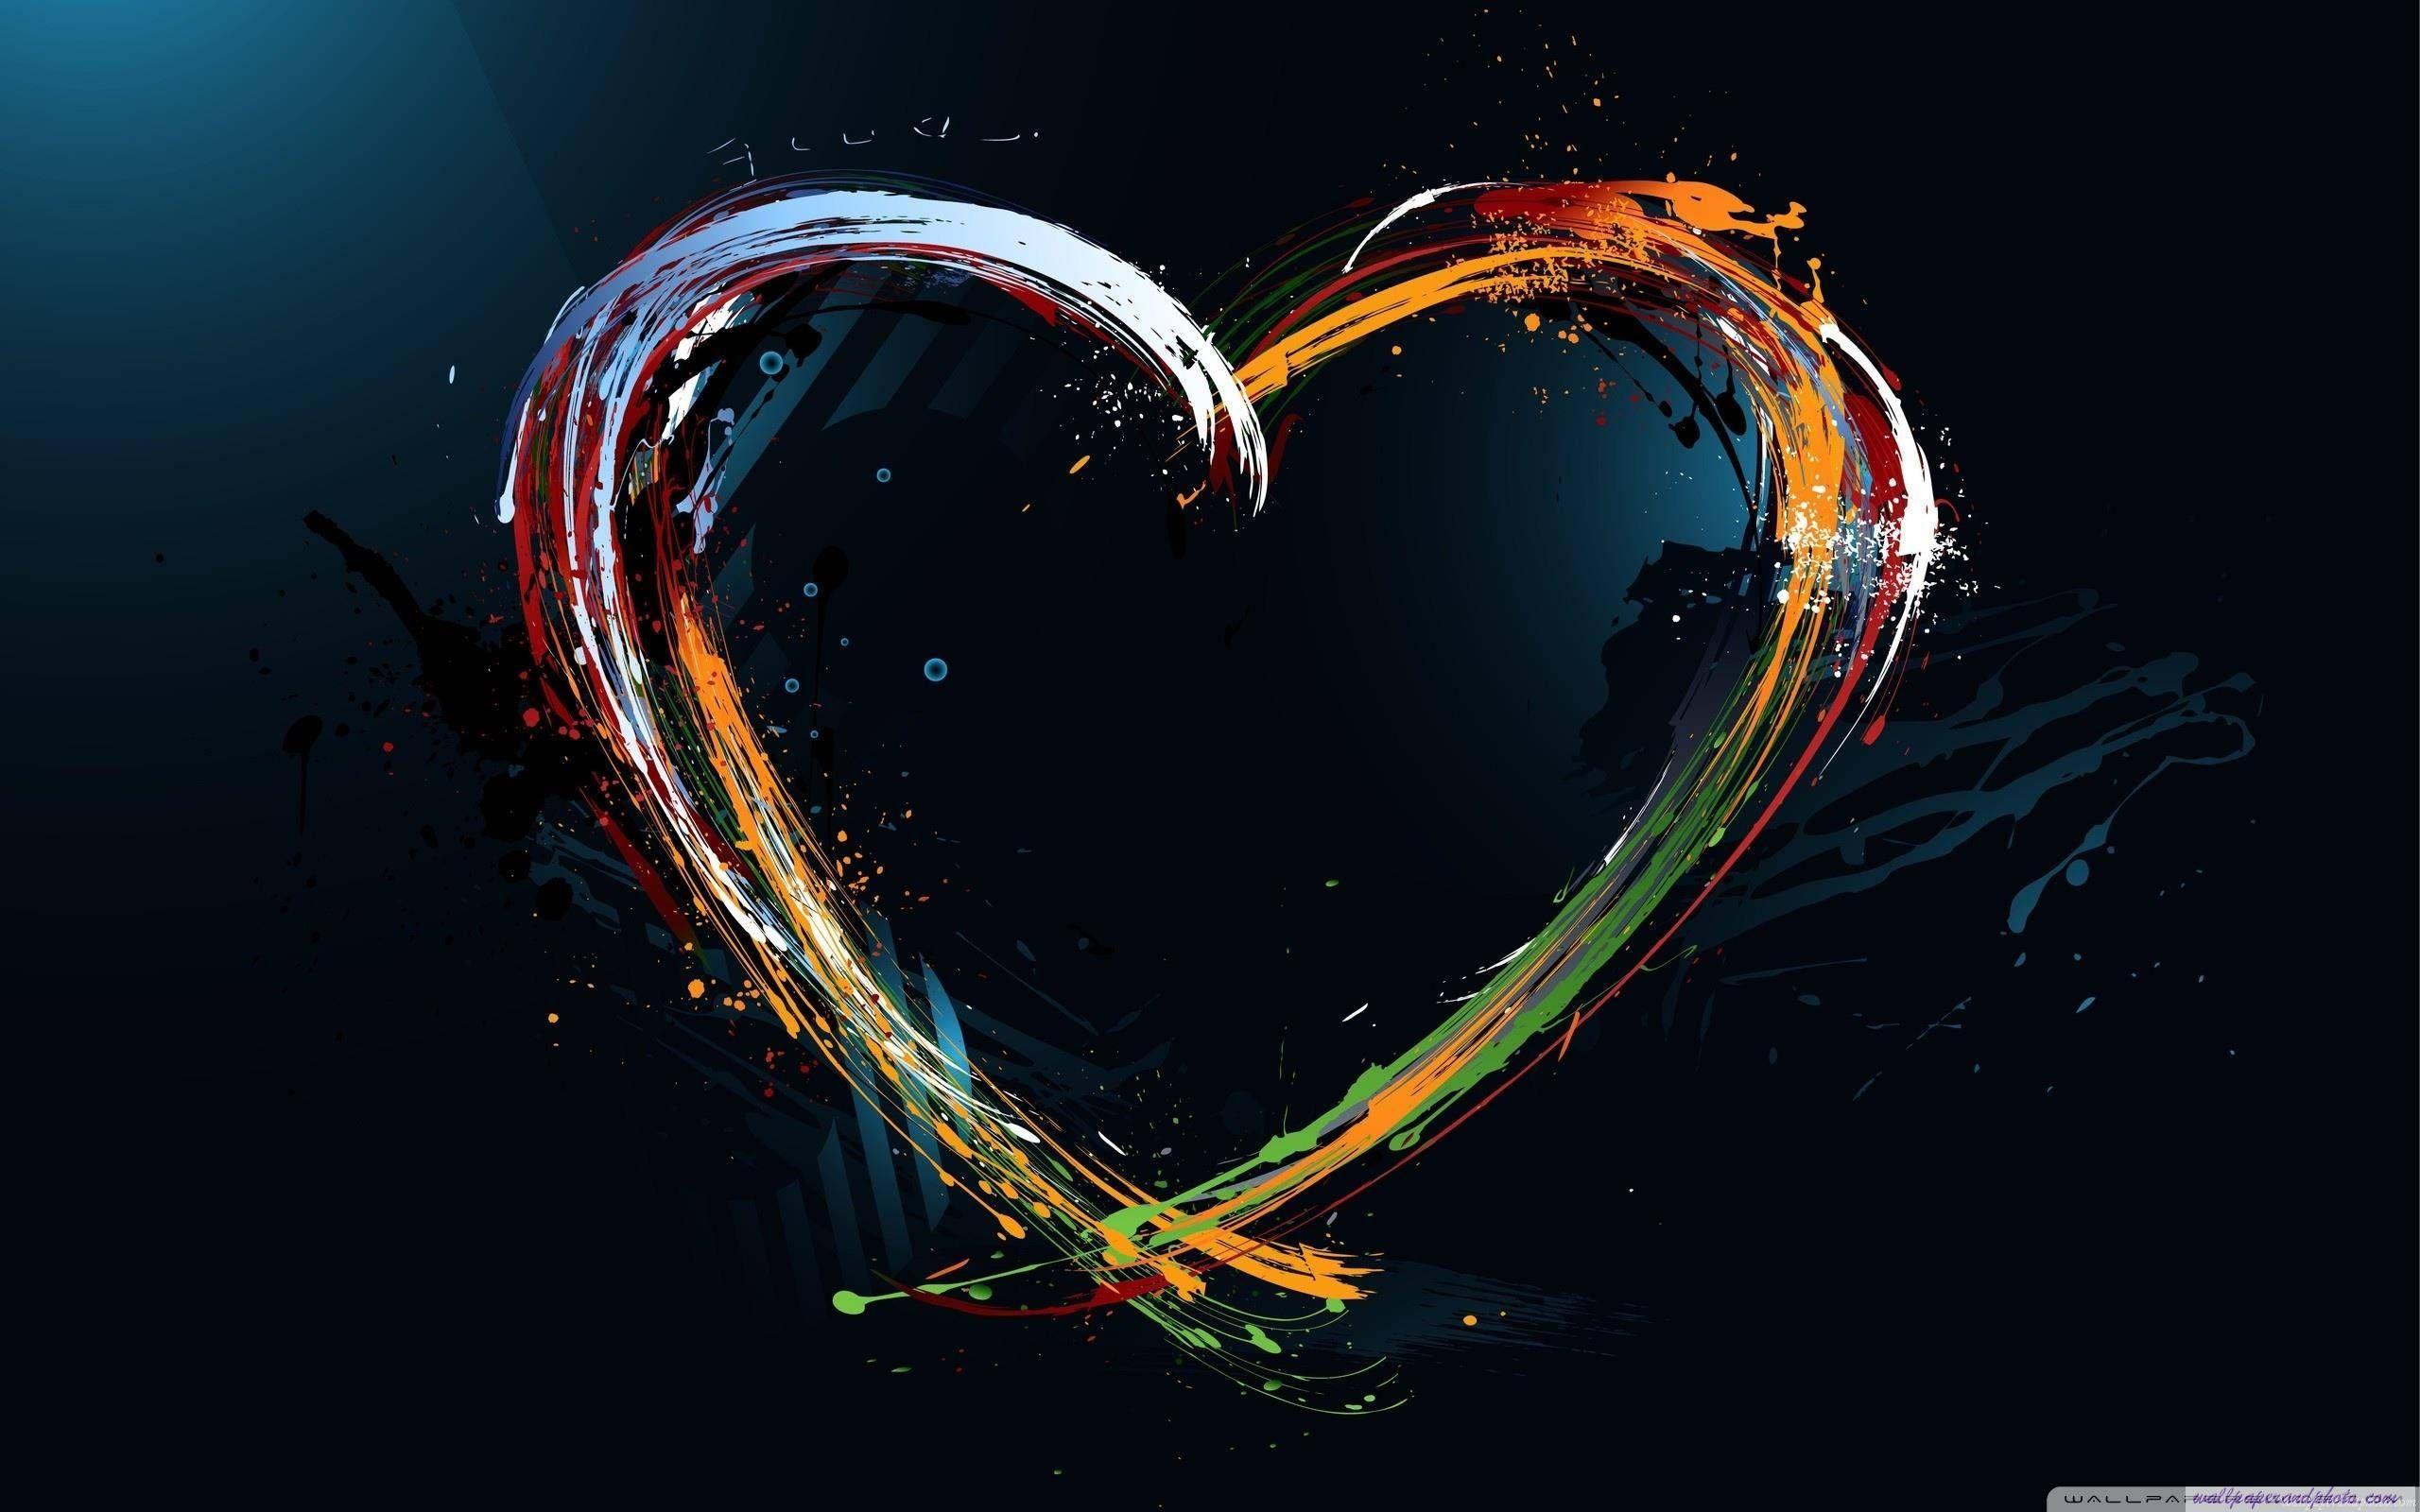 Vernici la spruzzata cuore hd 16 9 16 10 sfondo del for Desktop alta definizione